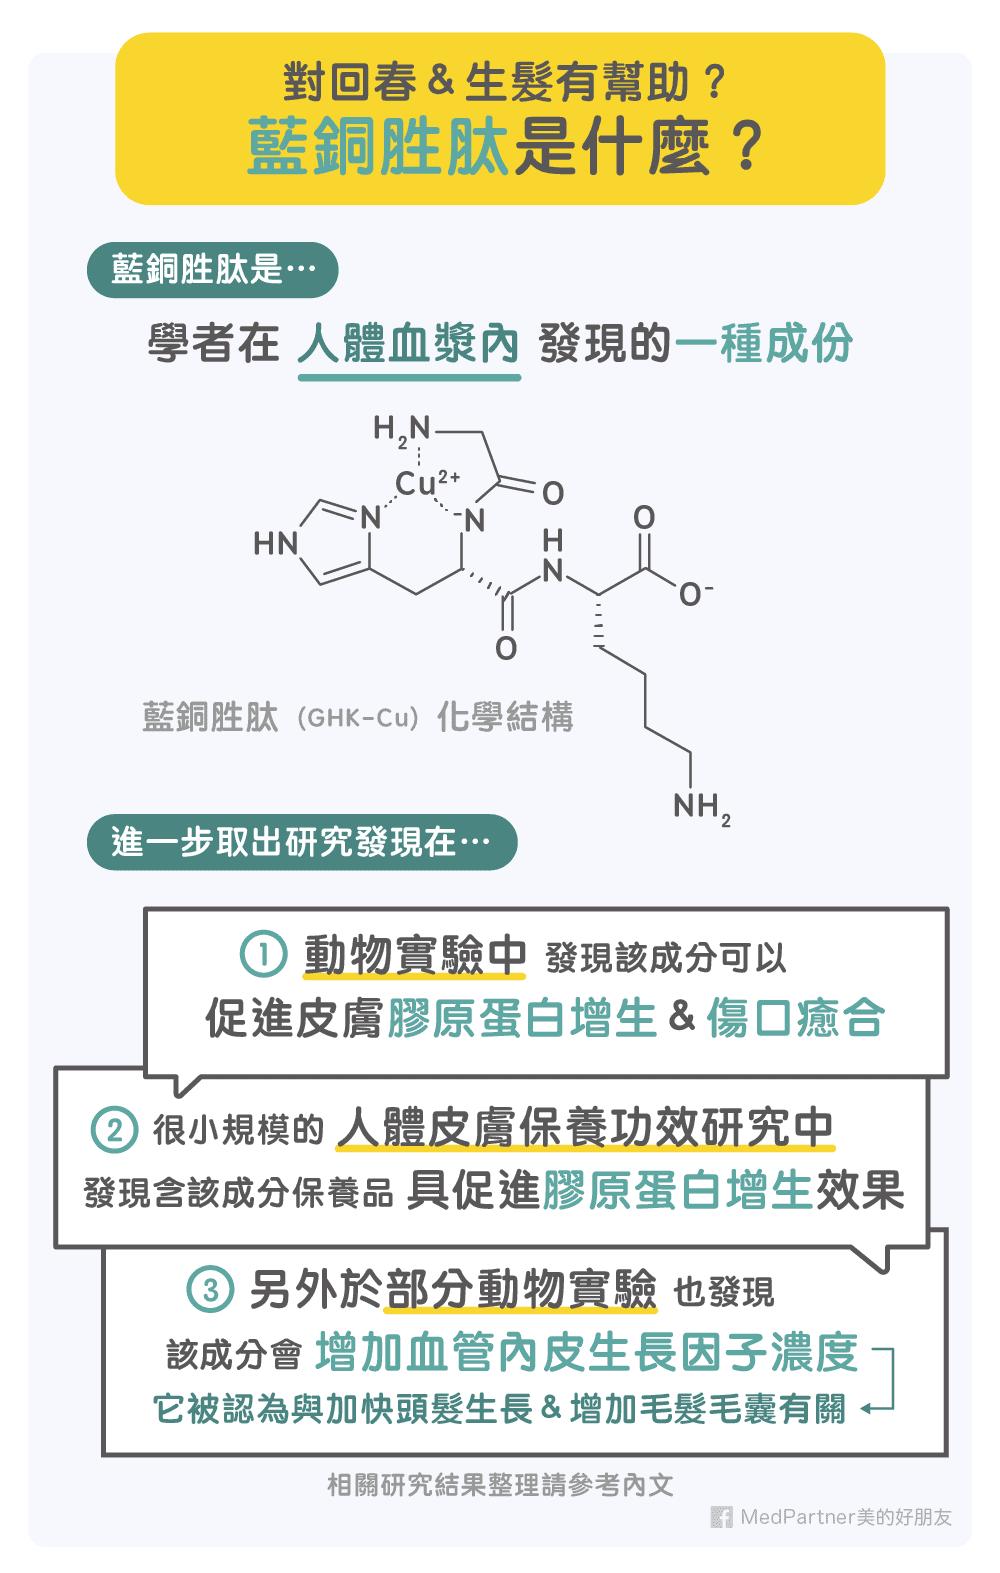 藍銅胜肽(GHK-Cu)的化學結構